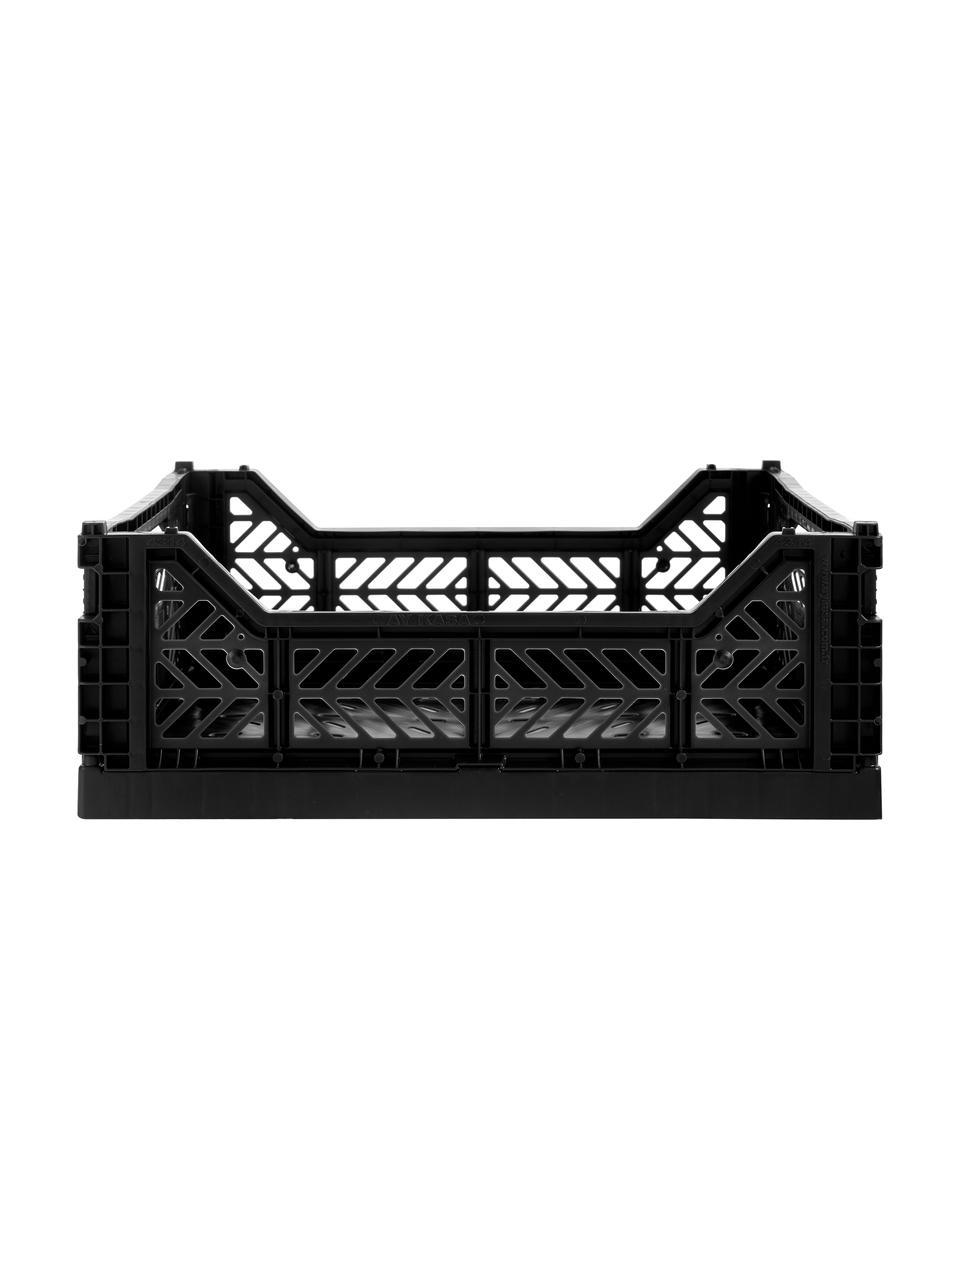 Klappbox Black, stapelbar, medium, Recycelter Kunststoff, Schwarz, 40 x 14 cm